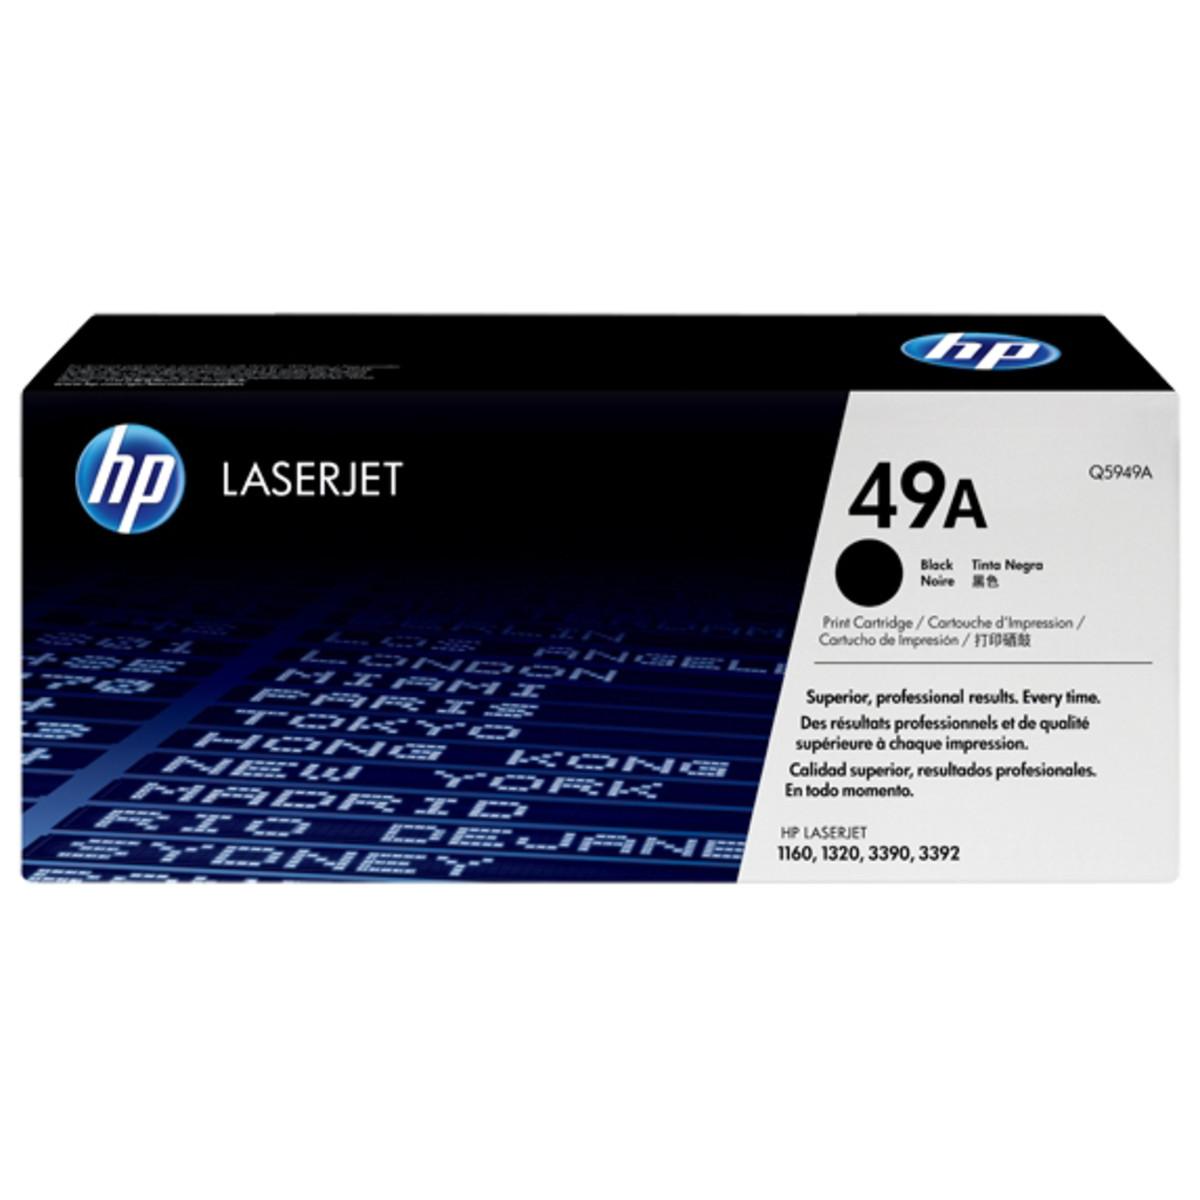 HP 49A (Q5949A) Black Toner Cartridge